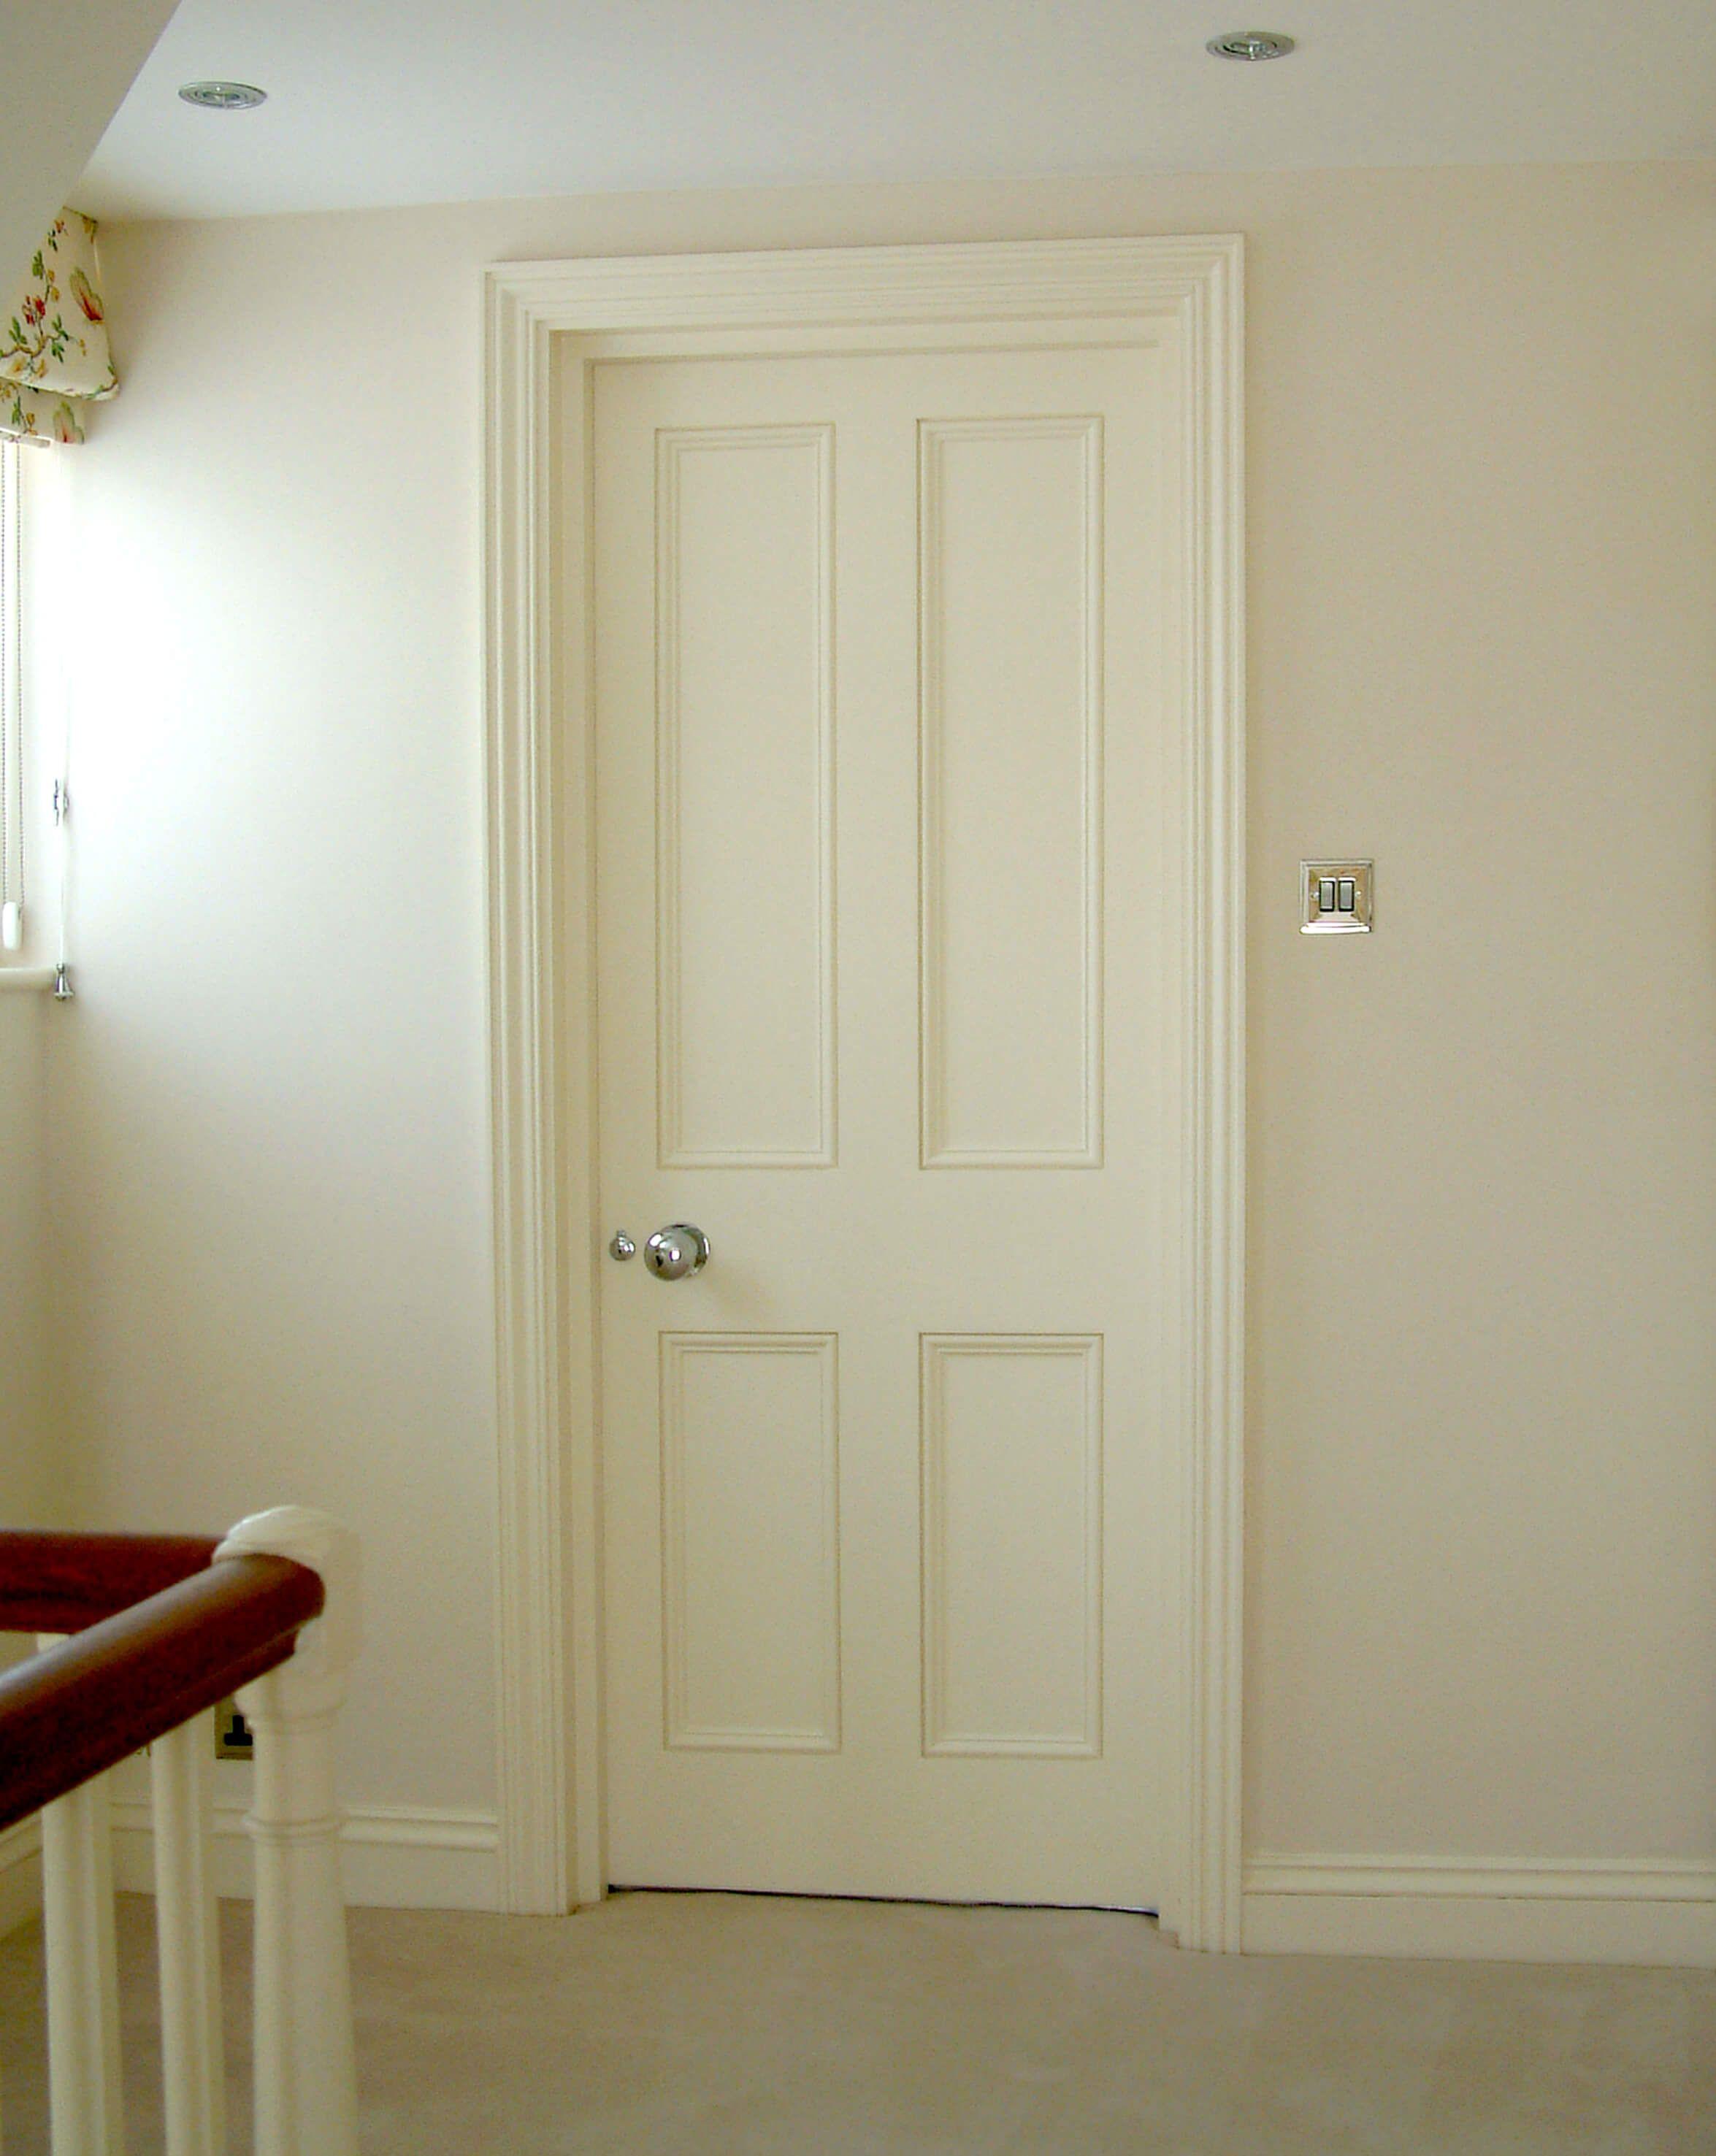 Flat 4 Panel Door Br Primed Shaker Style Interior Doors Black Interior Doors Stylish Doors